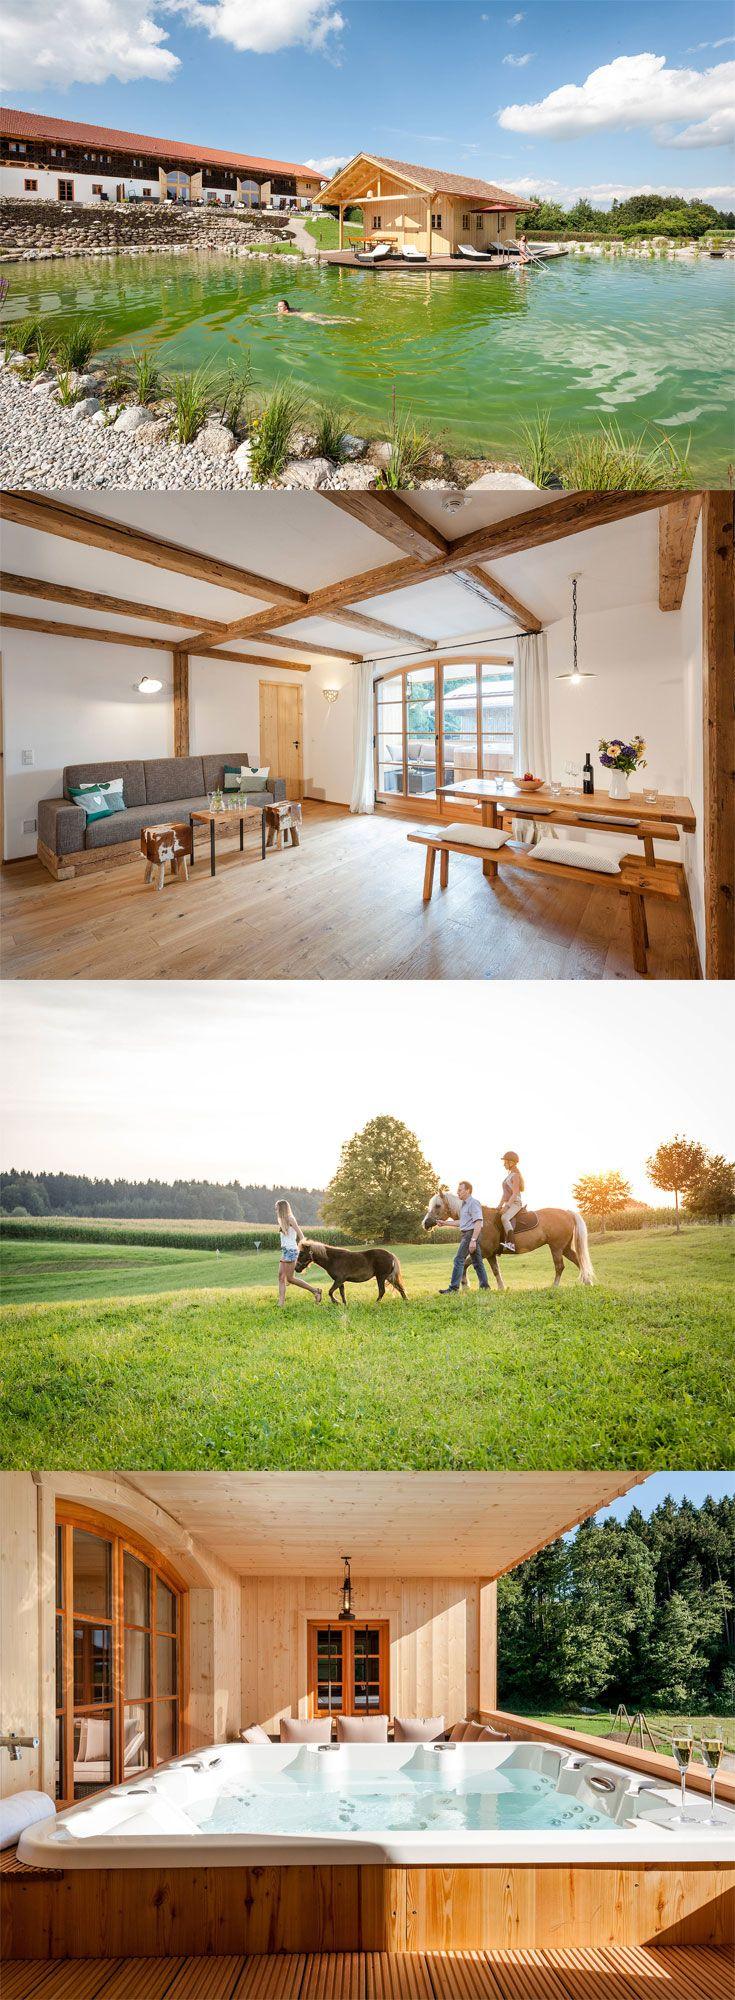 Wohnen im einzigartigen, denkmalgeschützten Bundwerkstadl und das Flair und die Handwerkskunst längst vergangener Zeiten erleben! Reisetipps | Chiemsee | Bauernhof